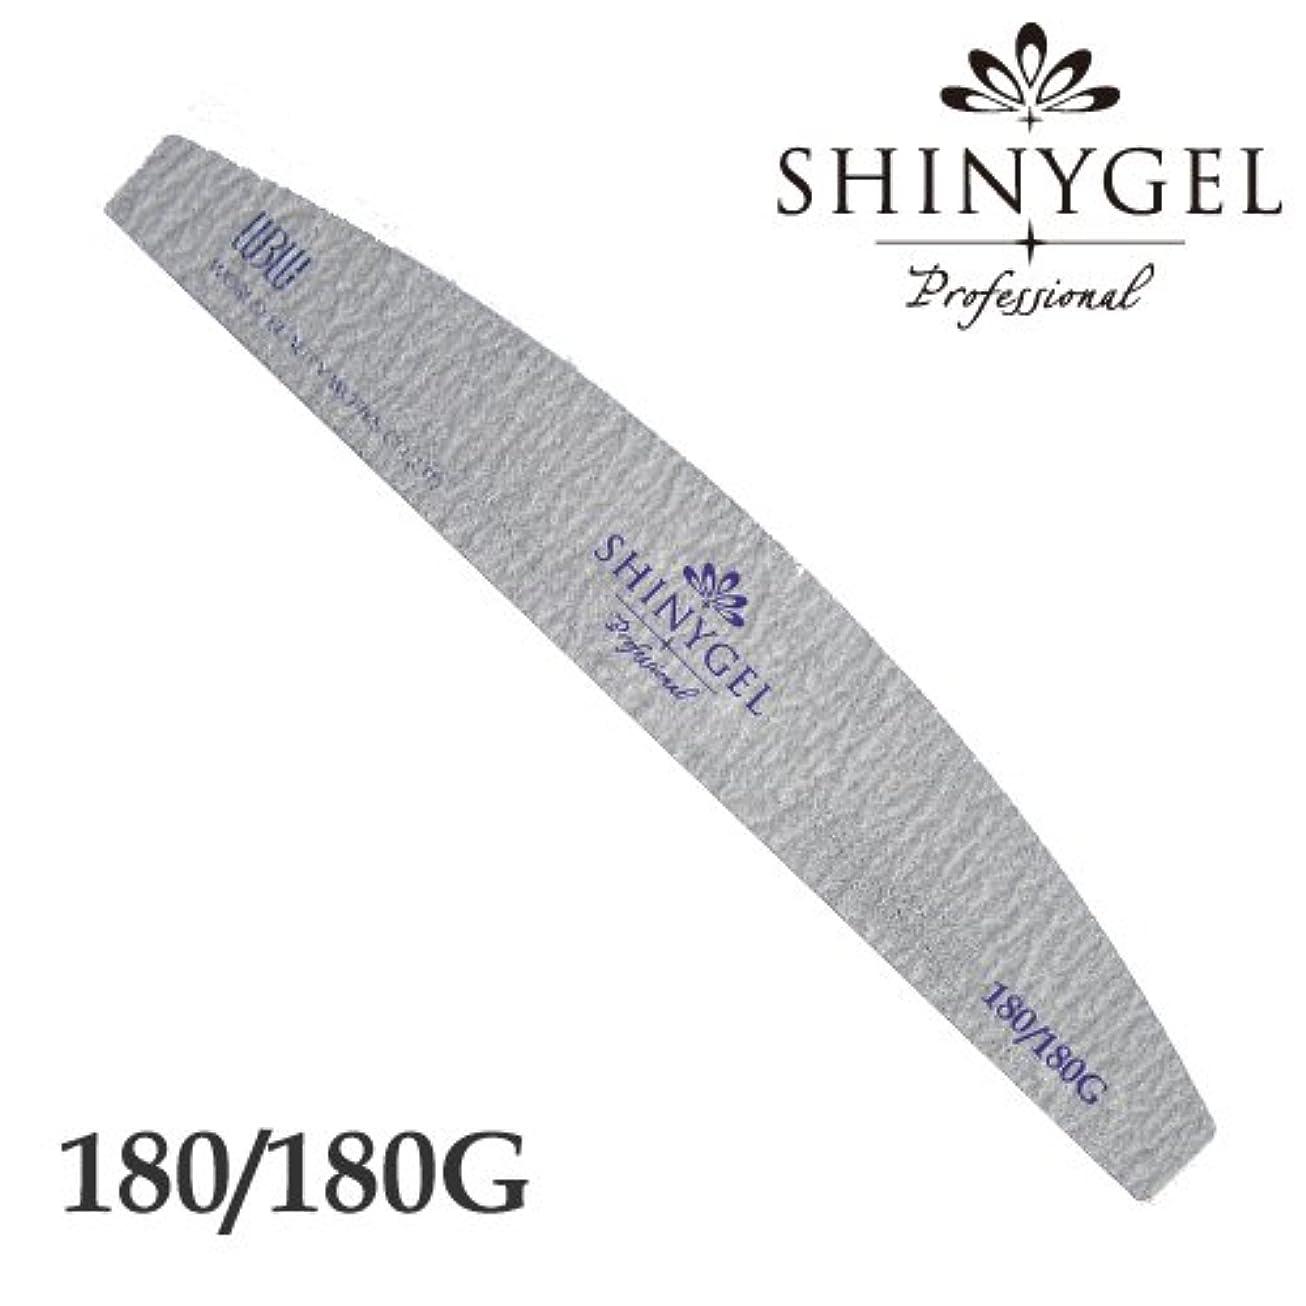 打倒空中専門SHINYGEL Professional シャイニージェルプロフェッショナル ゼブラファイル ホワイト(アーチ型) 180/180G ジェルネイル 爪やすり